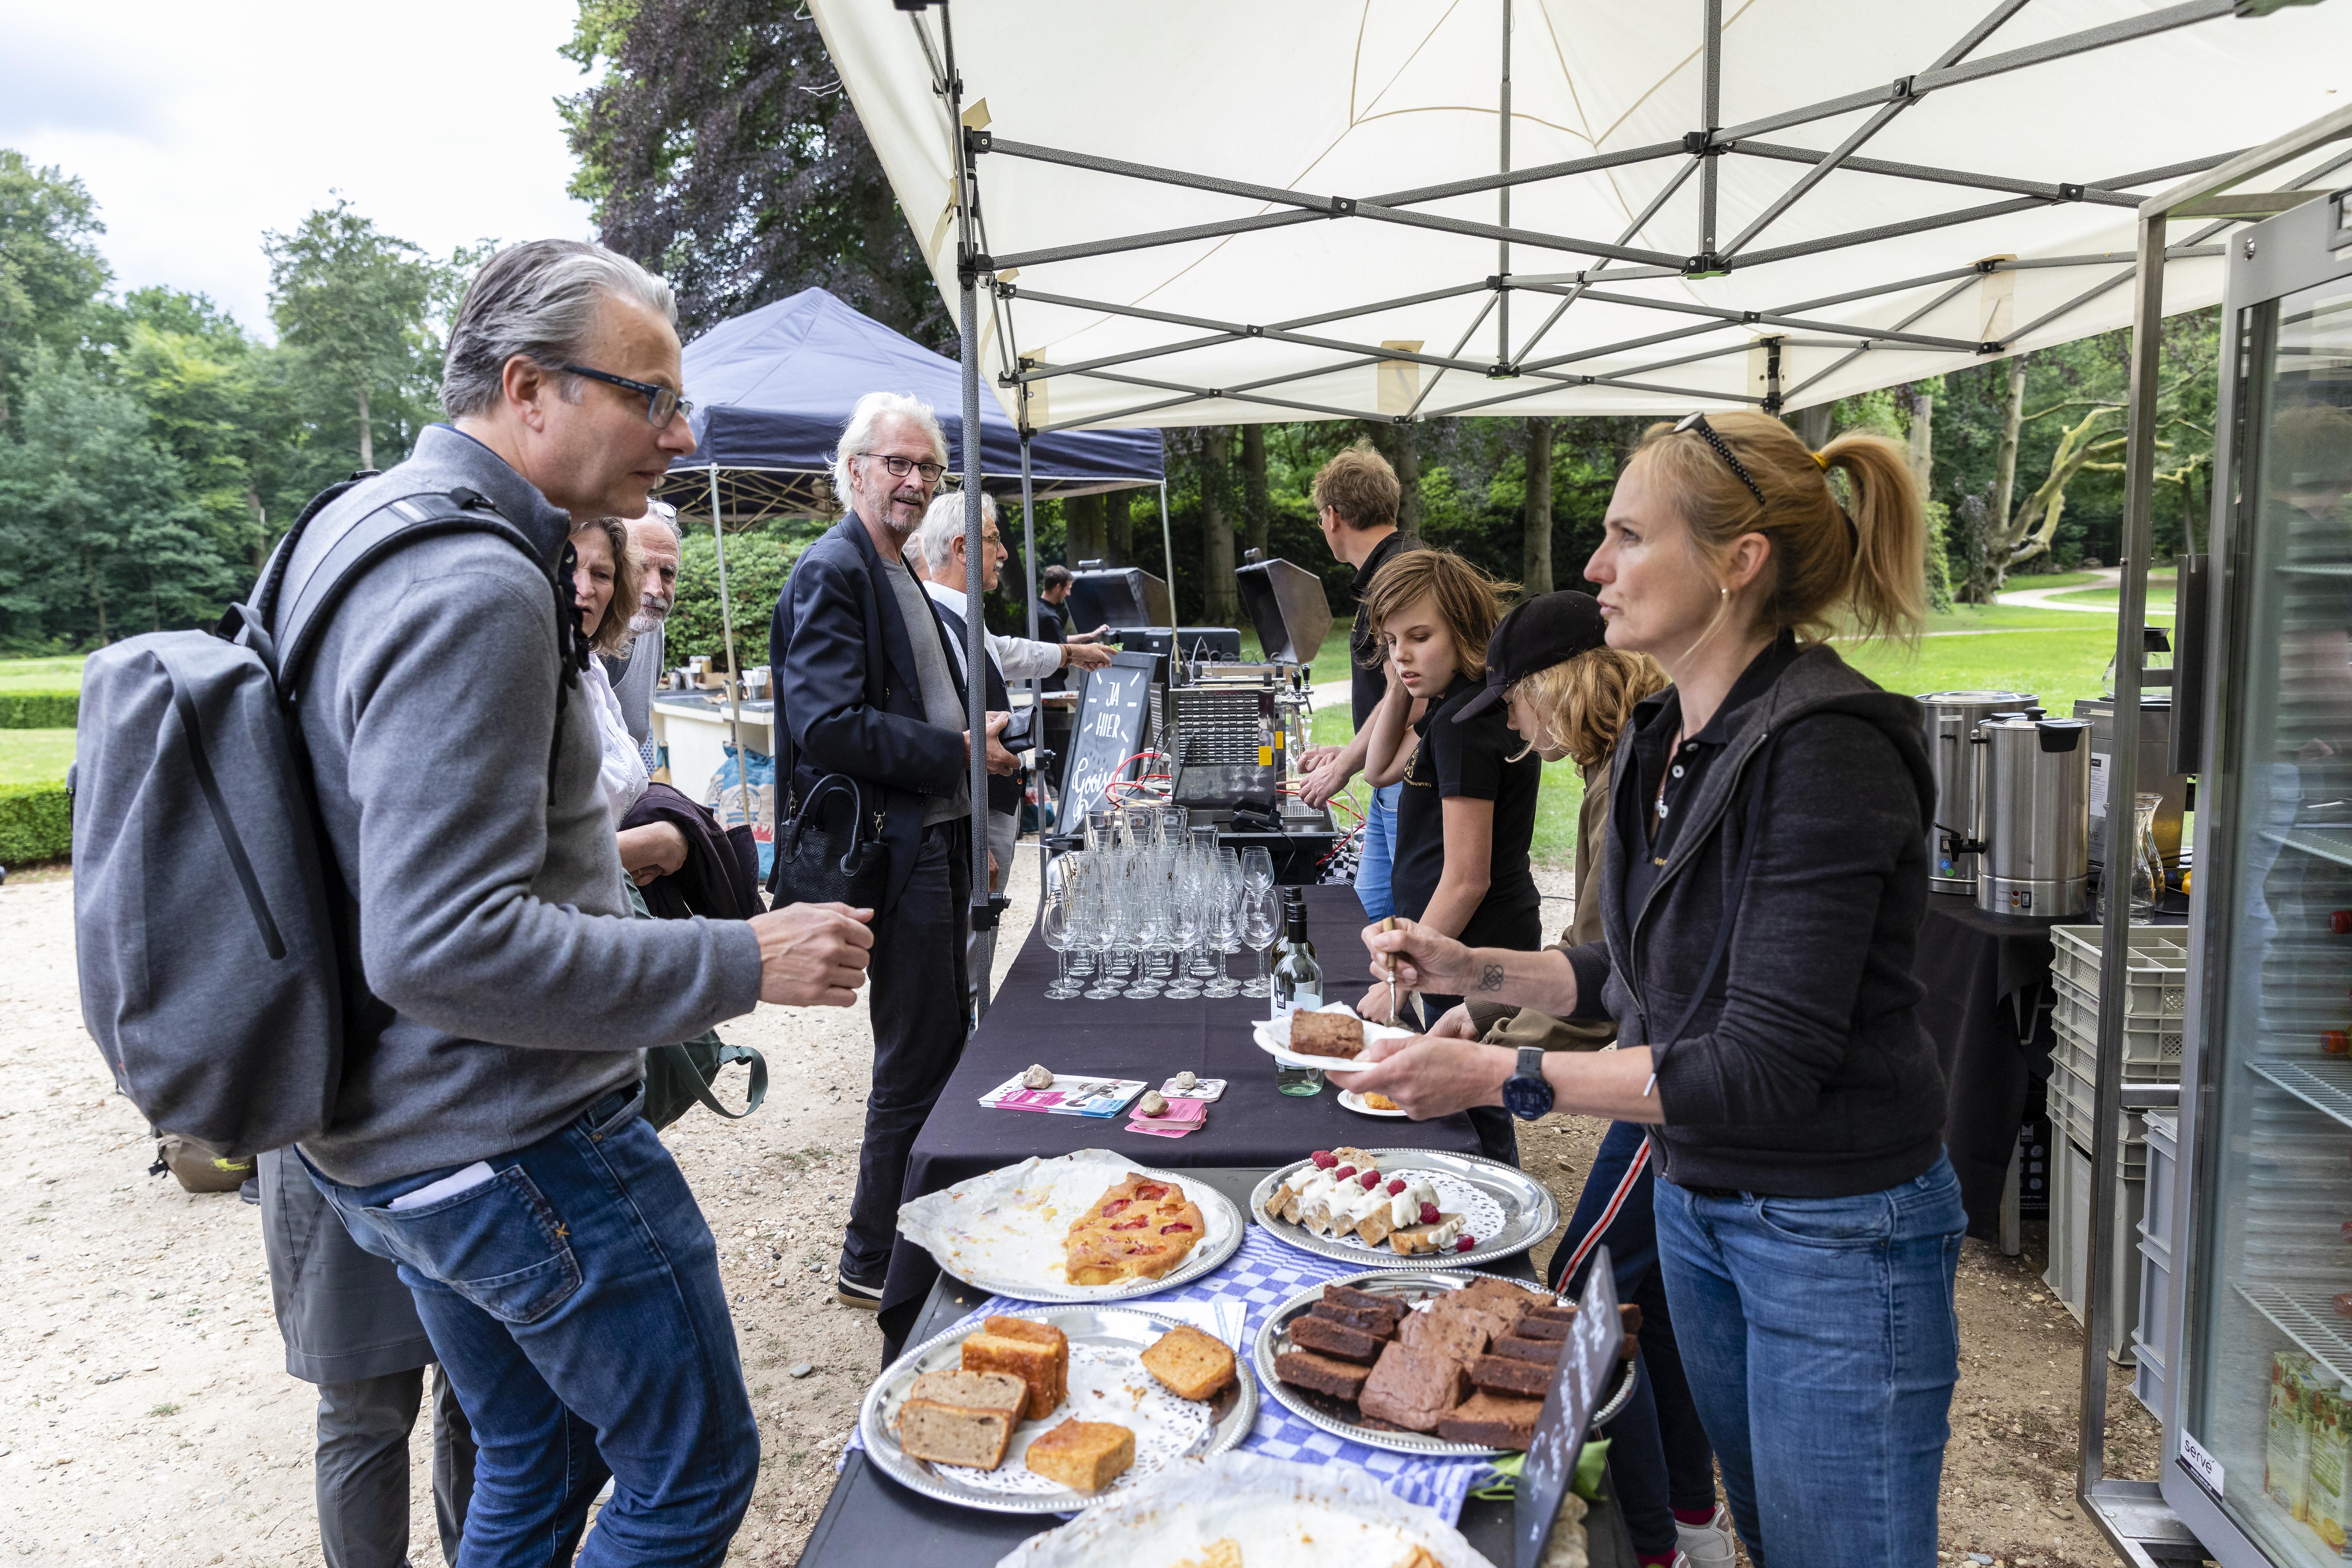 Festival Groeneveld 2018-80 kopie